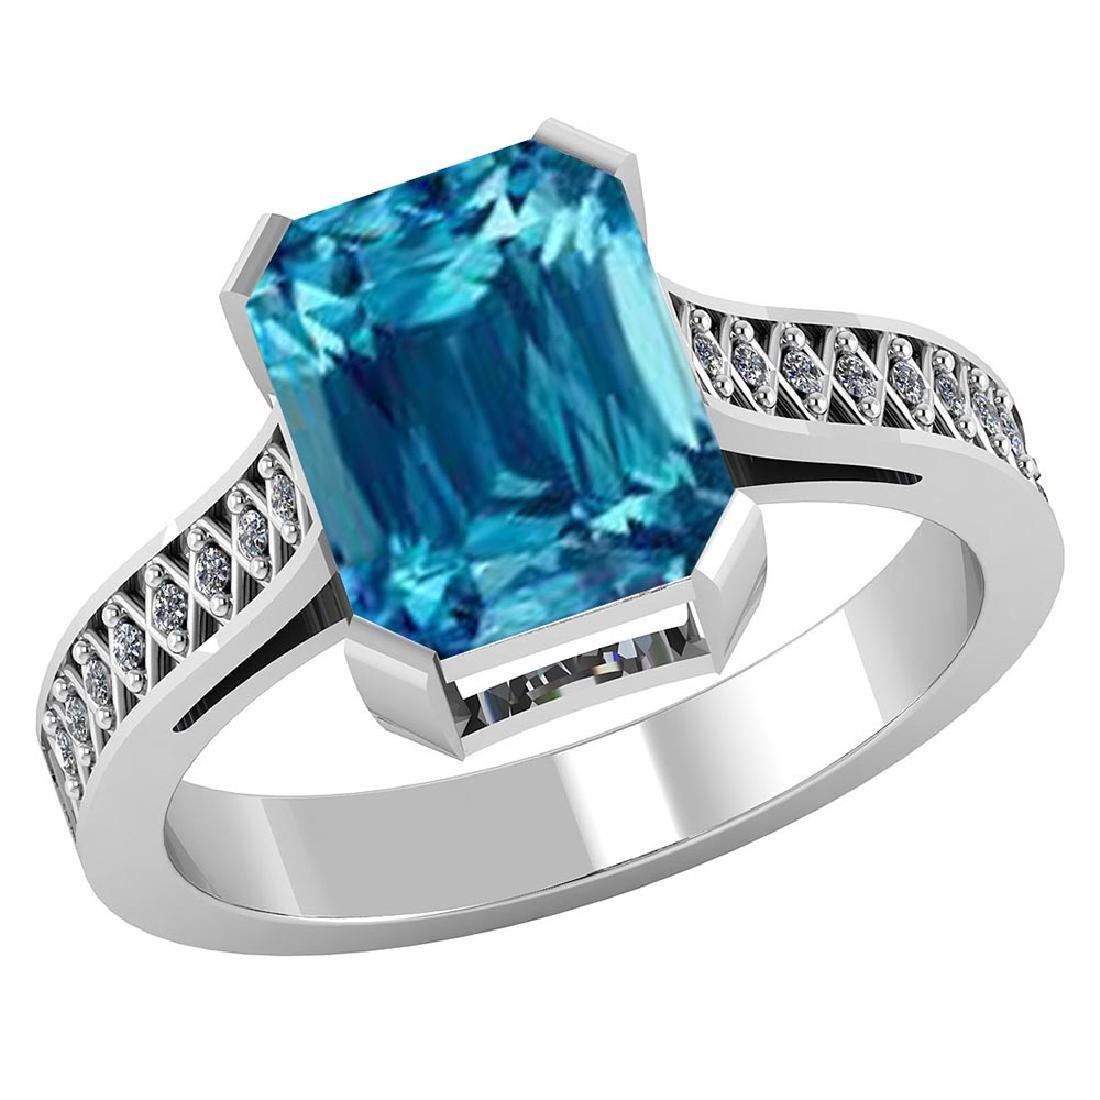 Certified 2.95 CTW Genuine Blue Topaz And Diamond 14K W